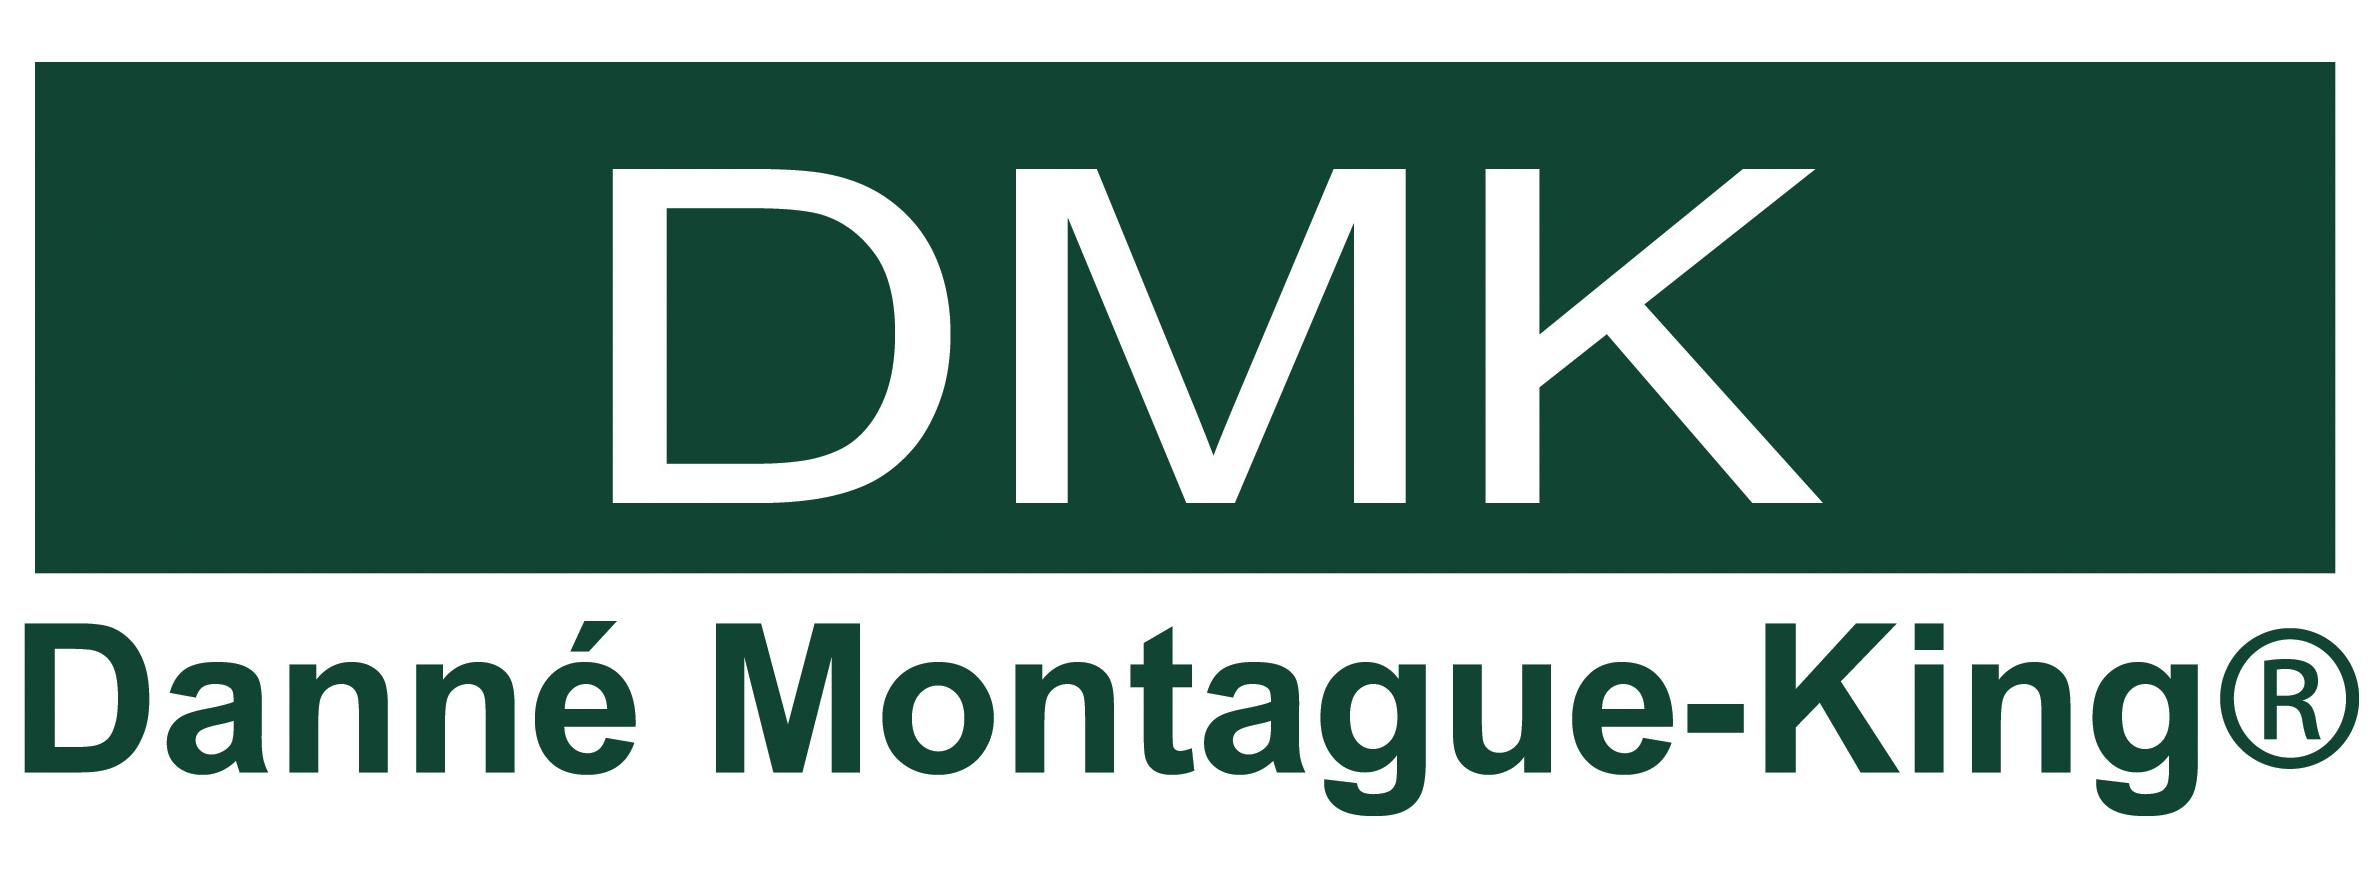 DMKlogo_RGB.jpg